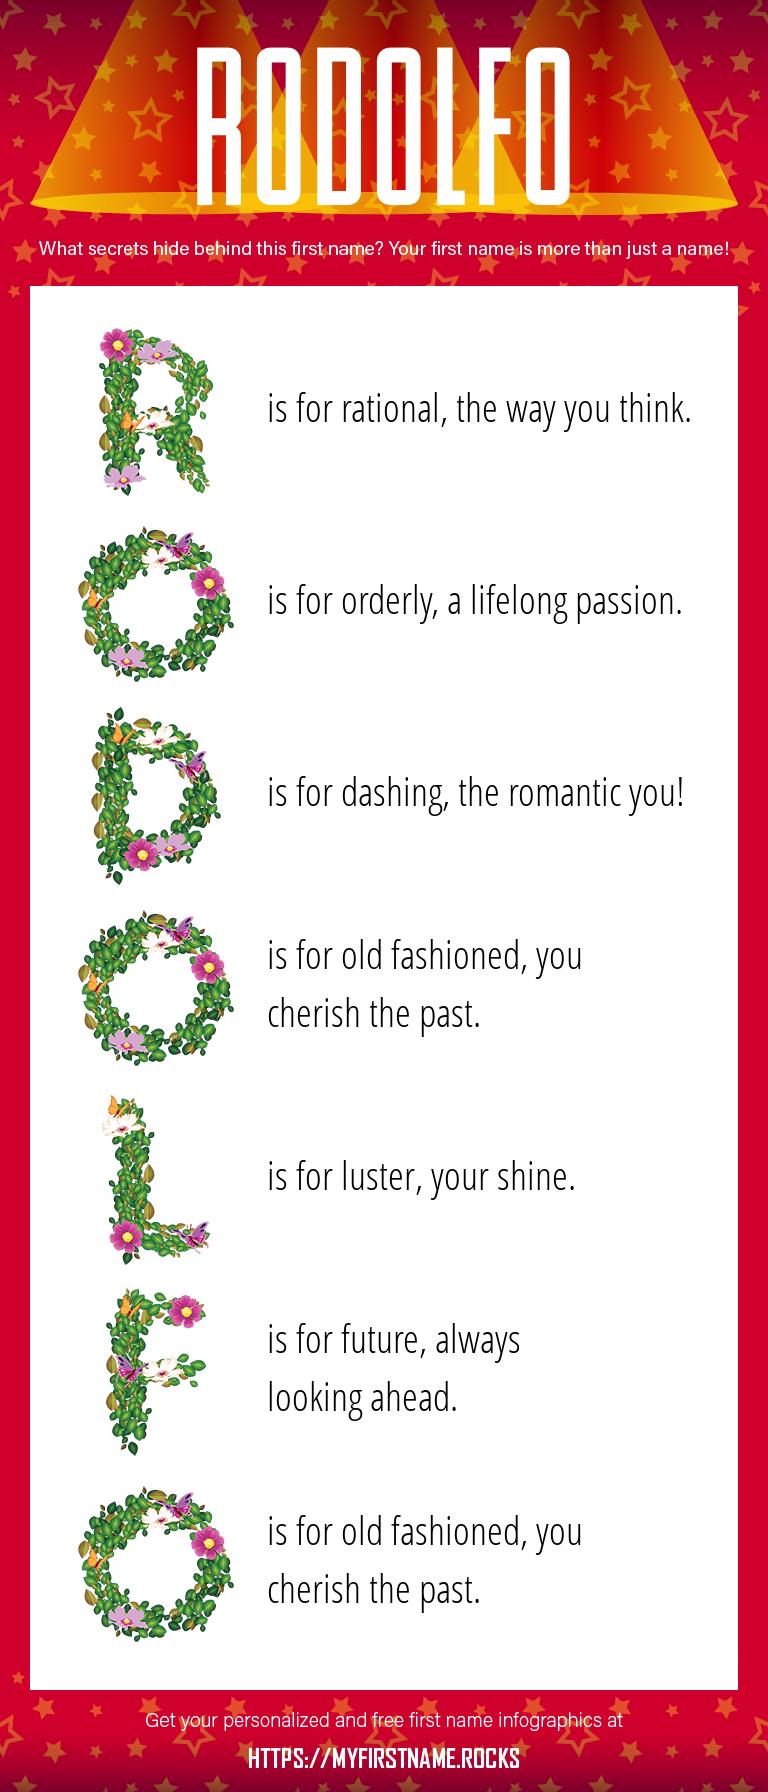 Rodolfo Infographics